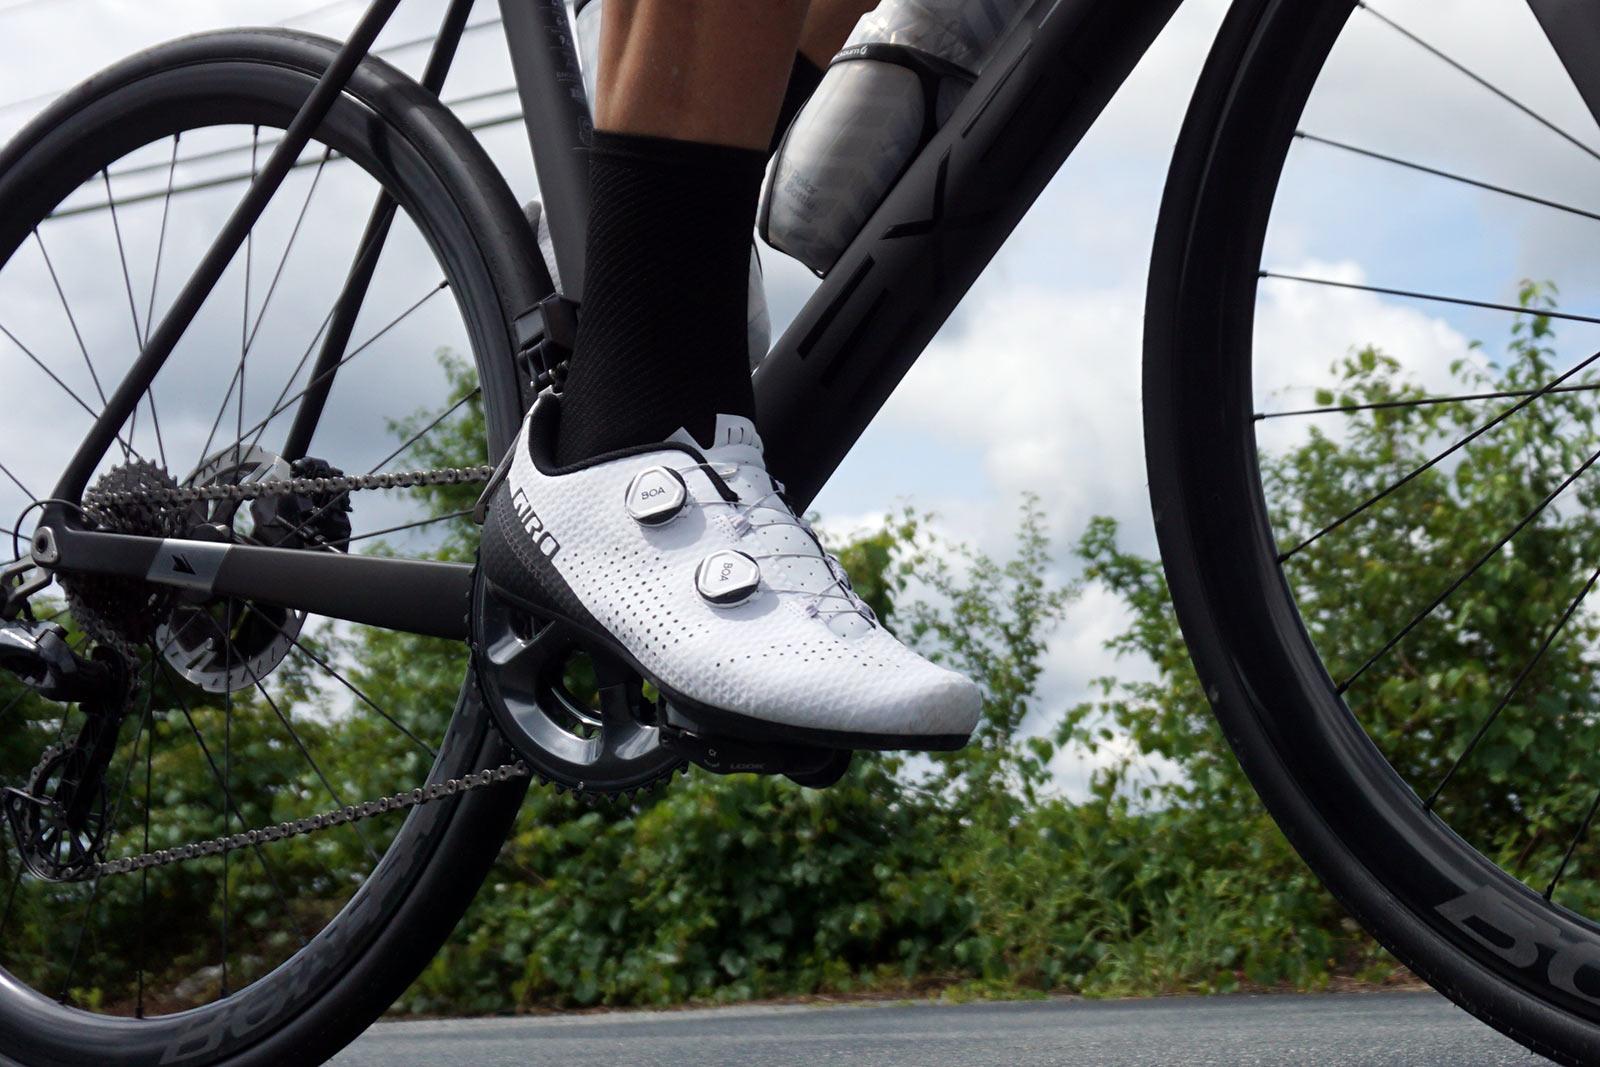 Anmeldelse: Giro Regime landevejscykelsko giver top-ydeevne til komfort i mellemklassen